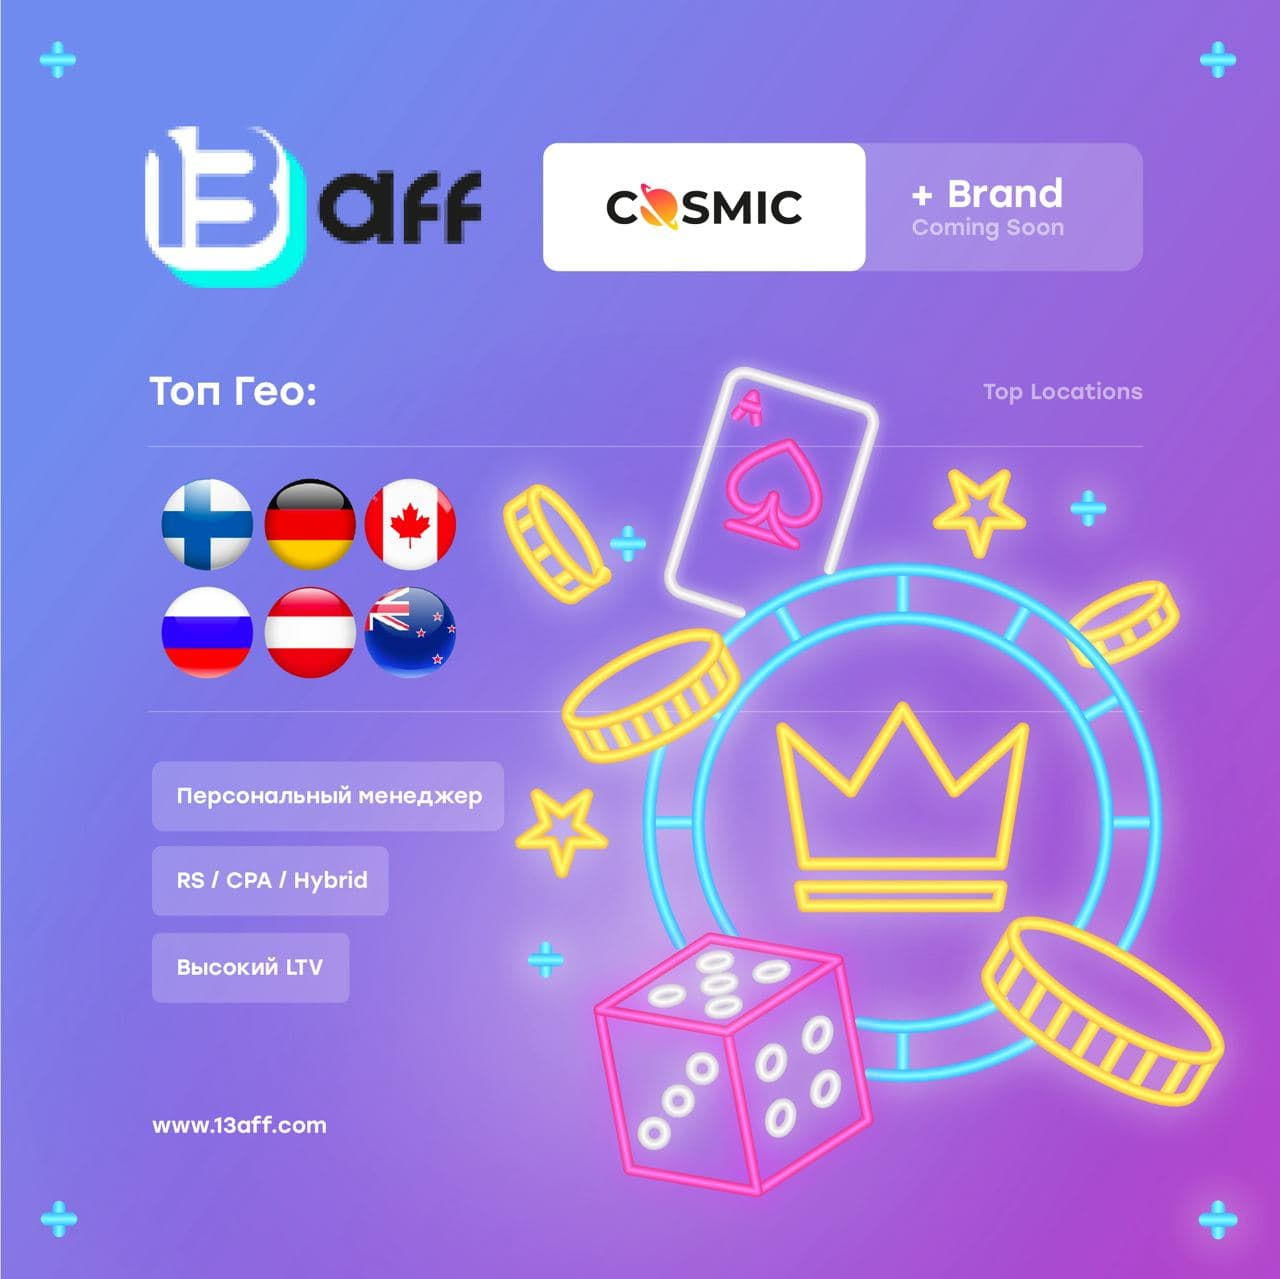 Обзор партнёрской программы 13aff.com